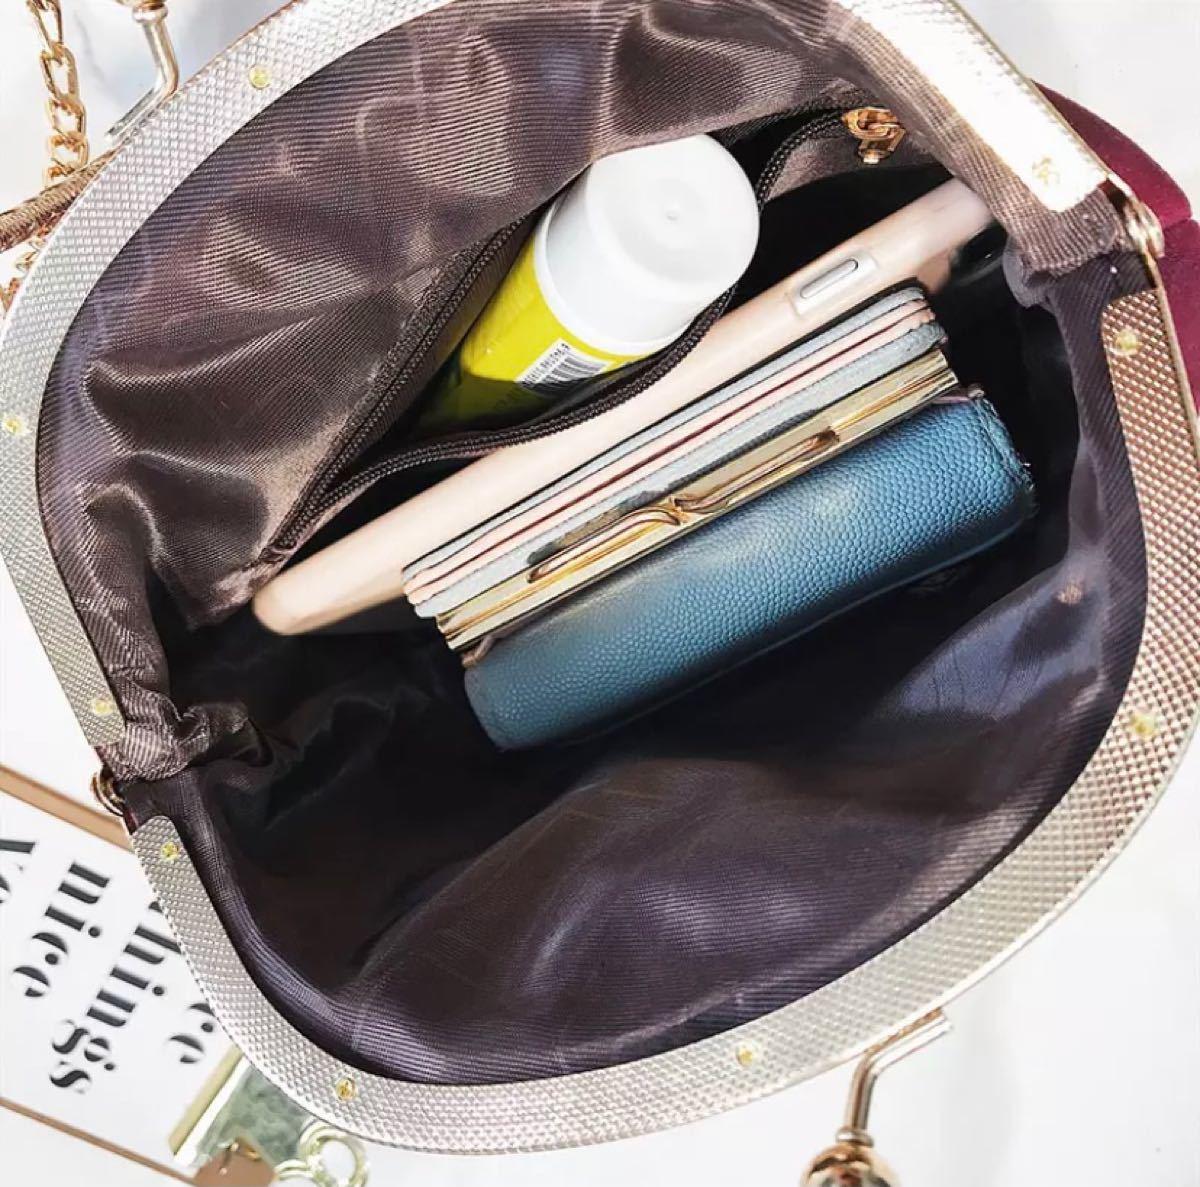 バッグ ショルダーバッグ レディース ガマ口 レザー がま口 ハンドバッグ ショルダーバッグ 韓国 チェーンショルダーバッグ